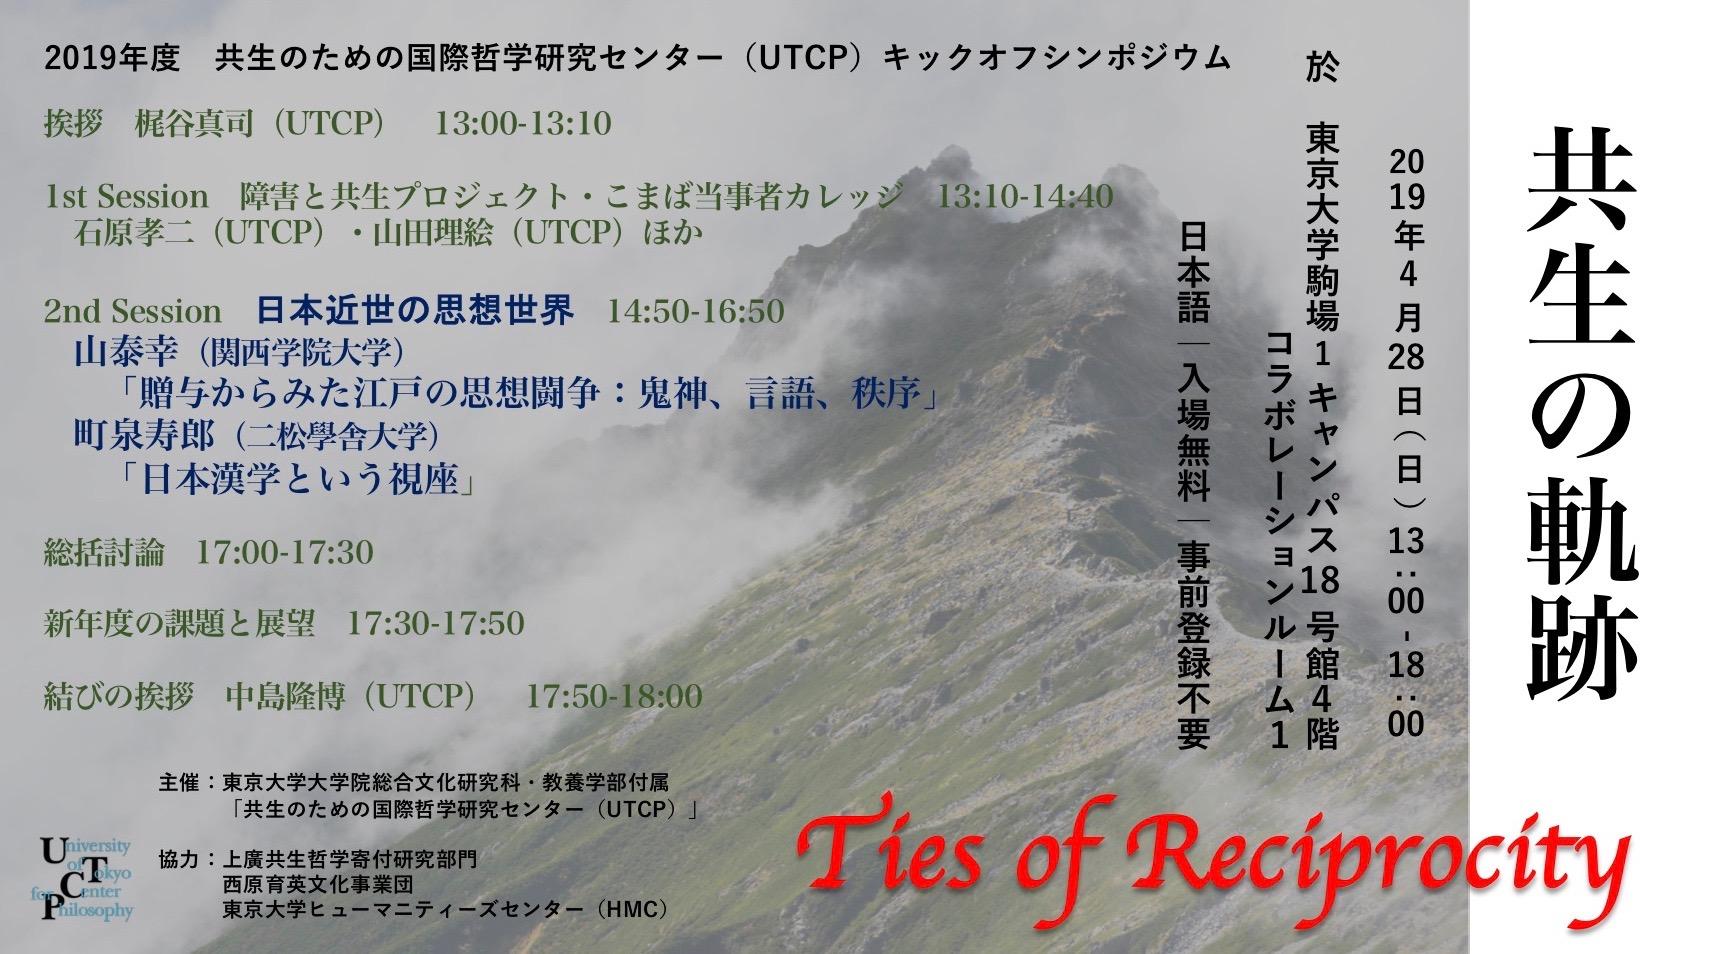 20190428_UTCP_kickoff_poster.jpg